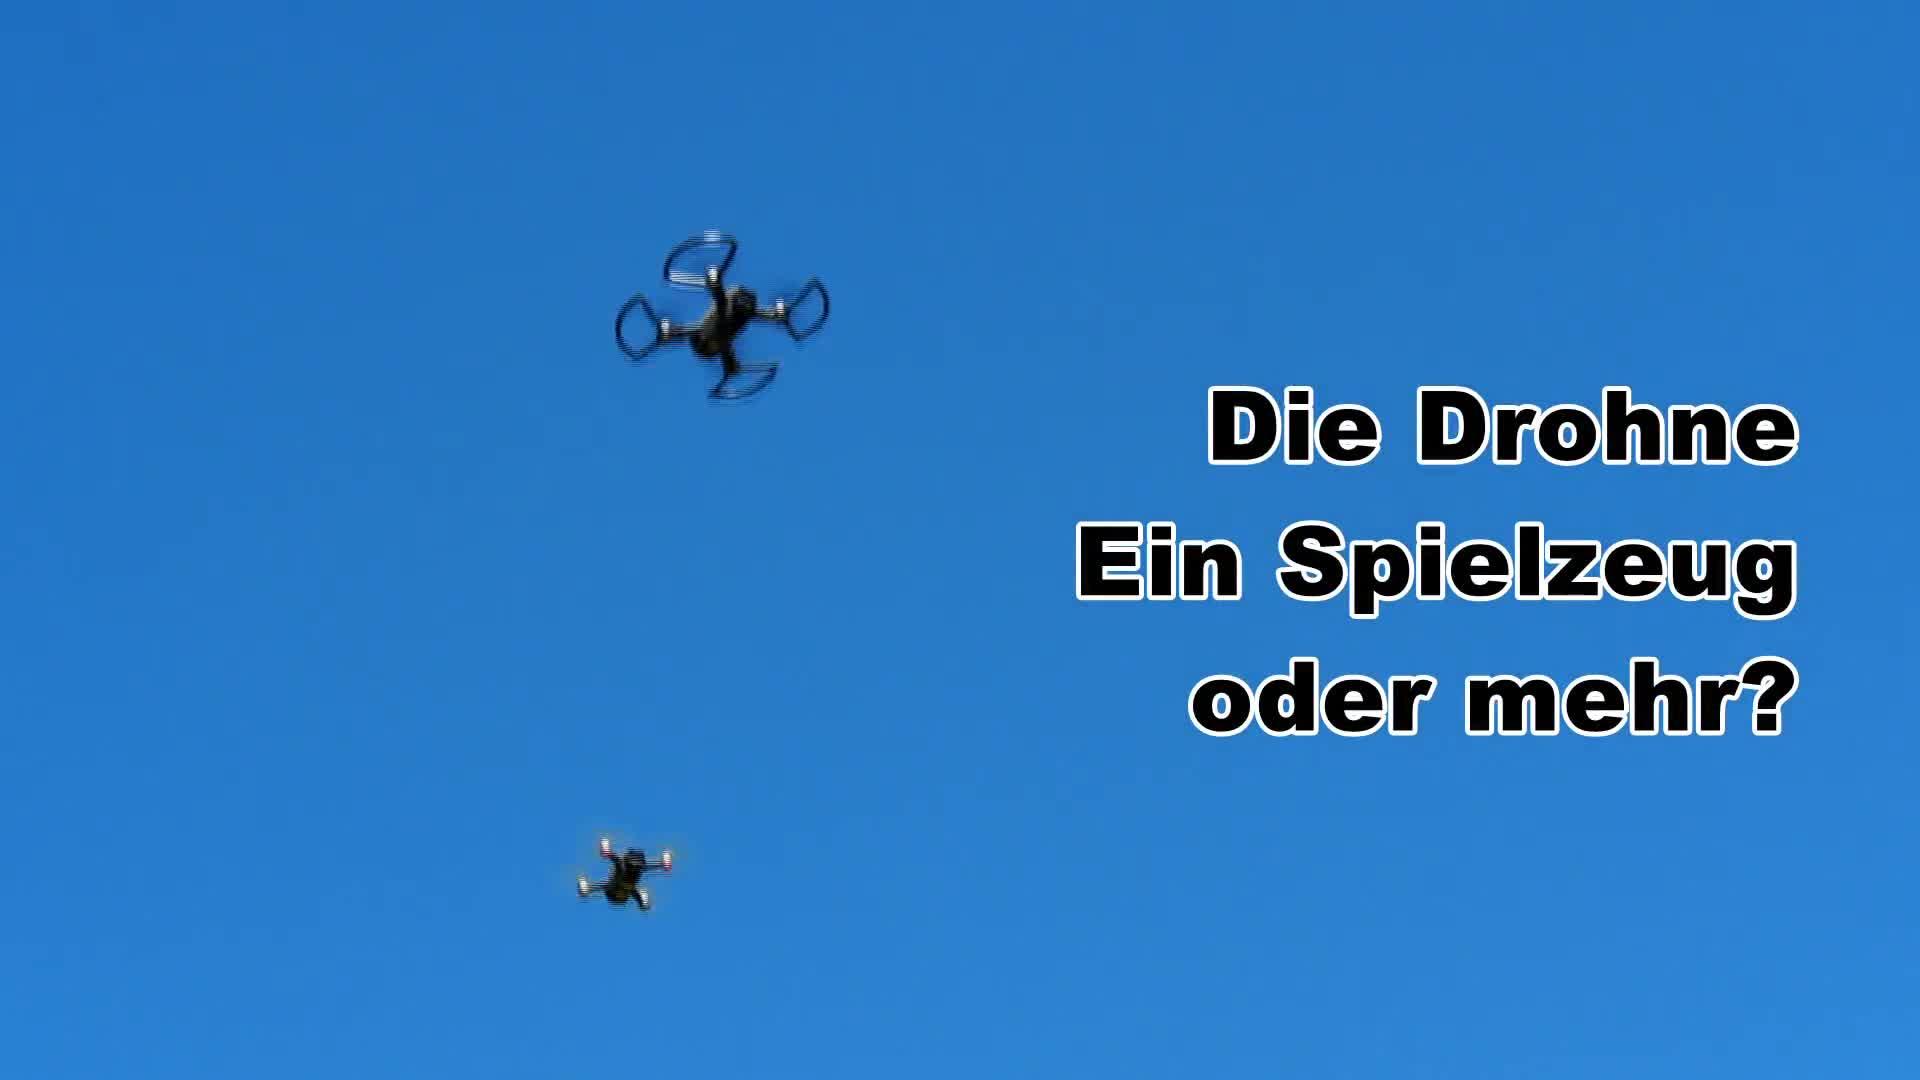 Die Drohne - ein Spielzeug oder mehr